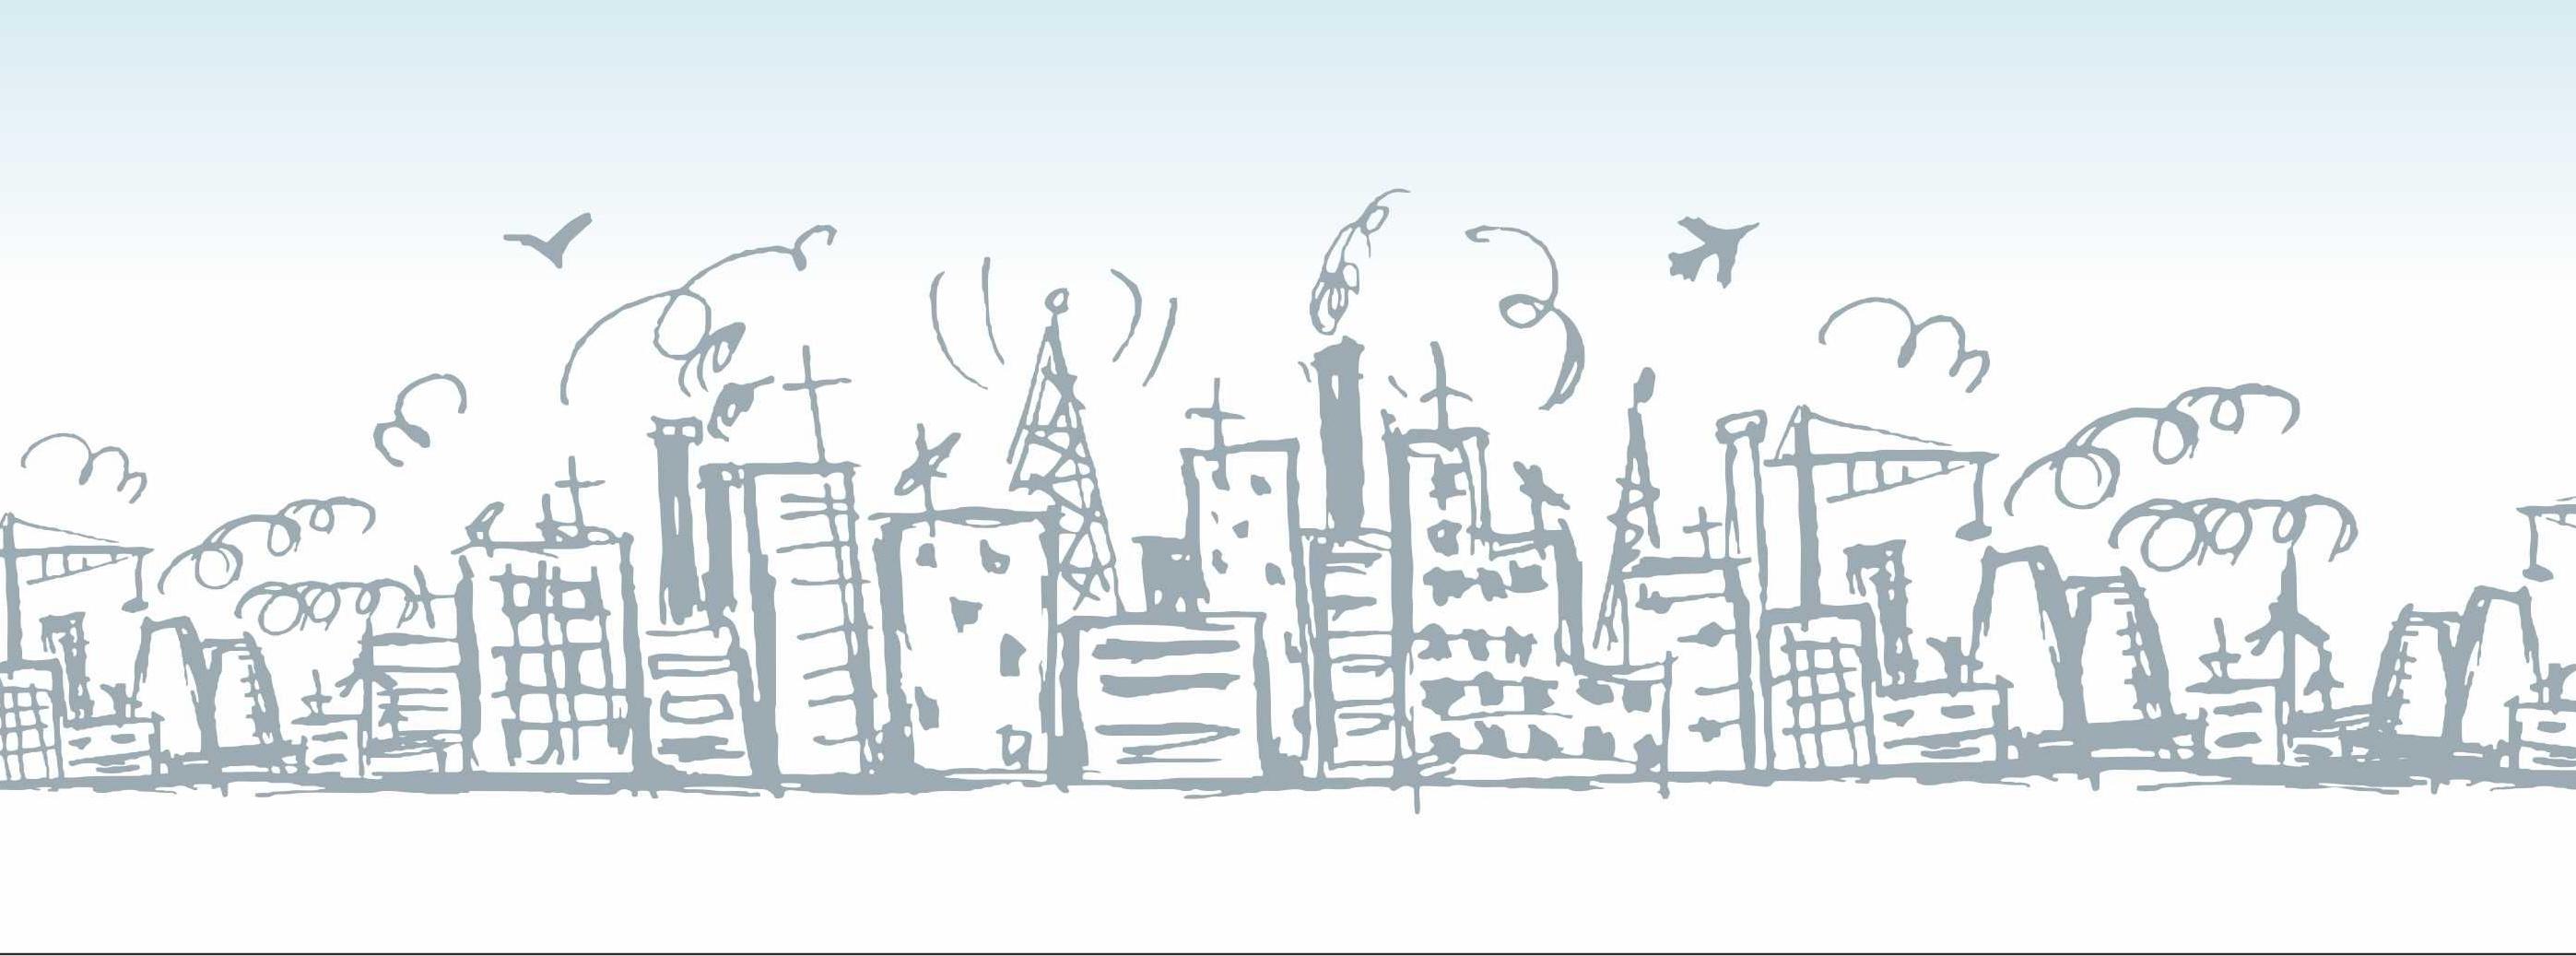 """""""Городской конструктор"""" <br />Проект в поддержку городских изменений. <br />Новый формат обсуждения городских задач"""